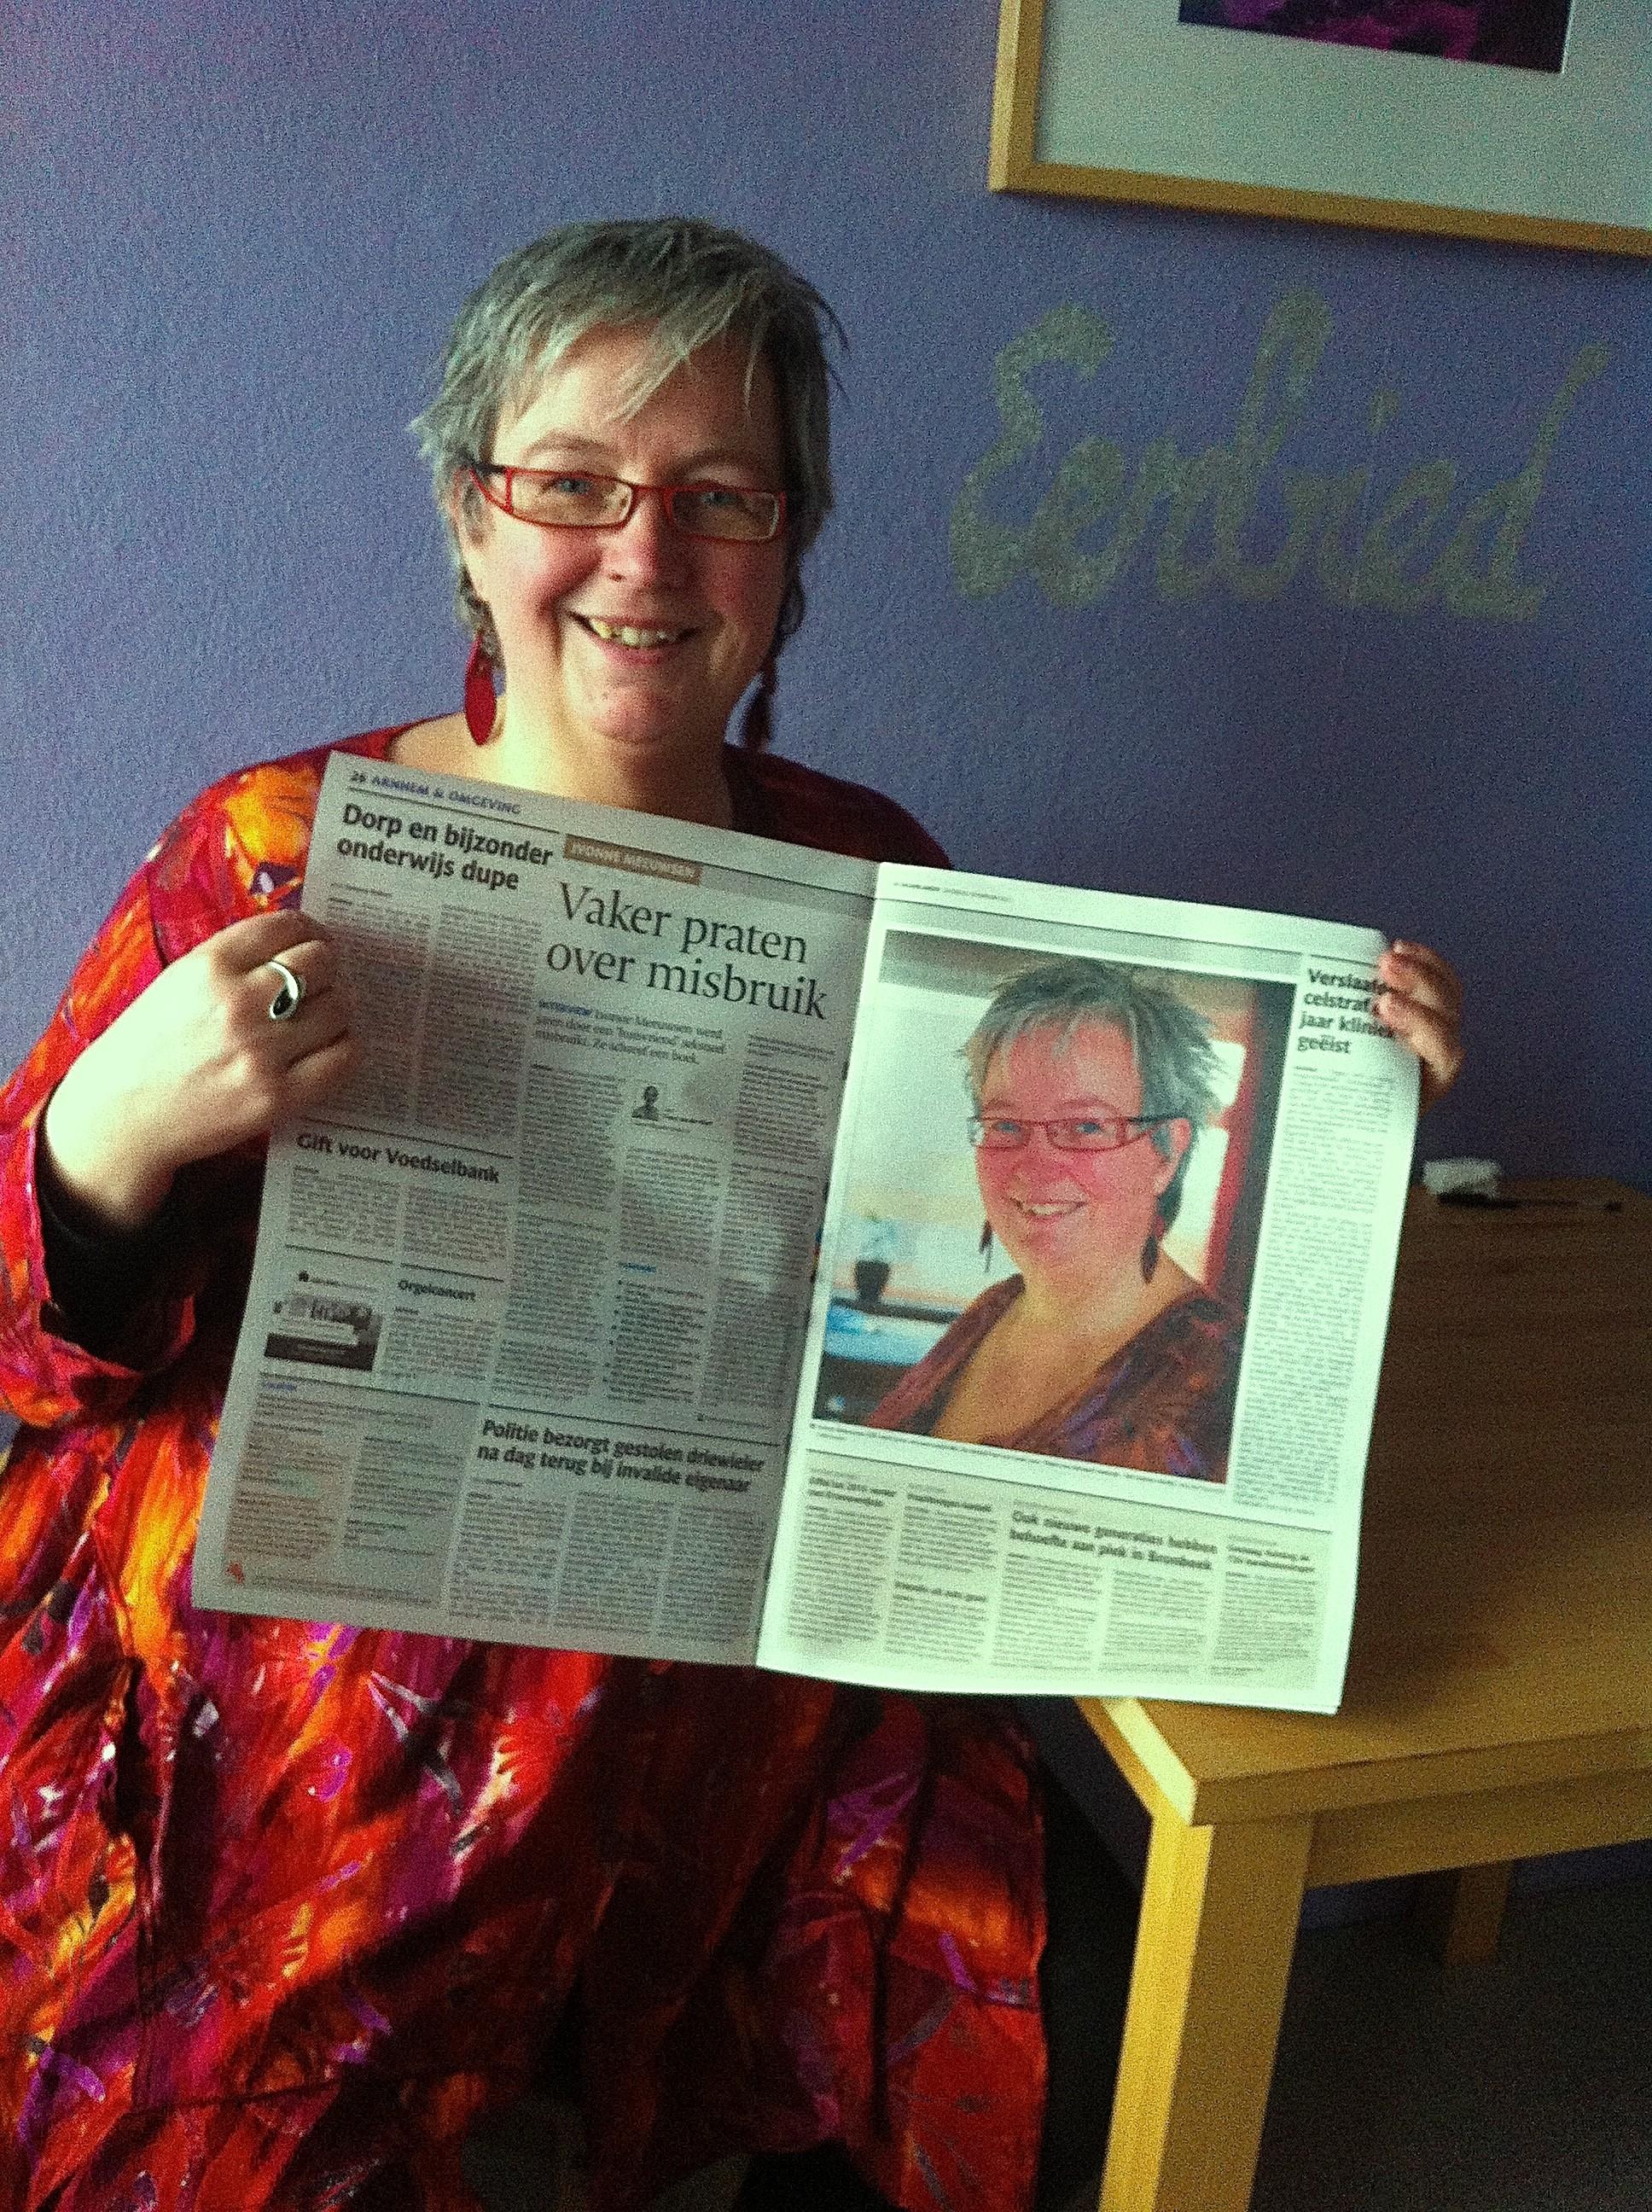 Artikel in de Gelderlander over 'Helen van seksueel misbruik. Het trauma voorbij.'